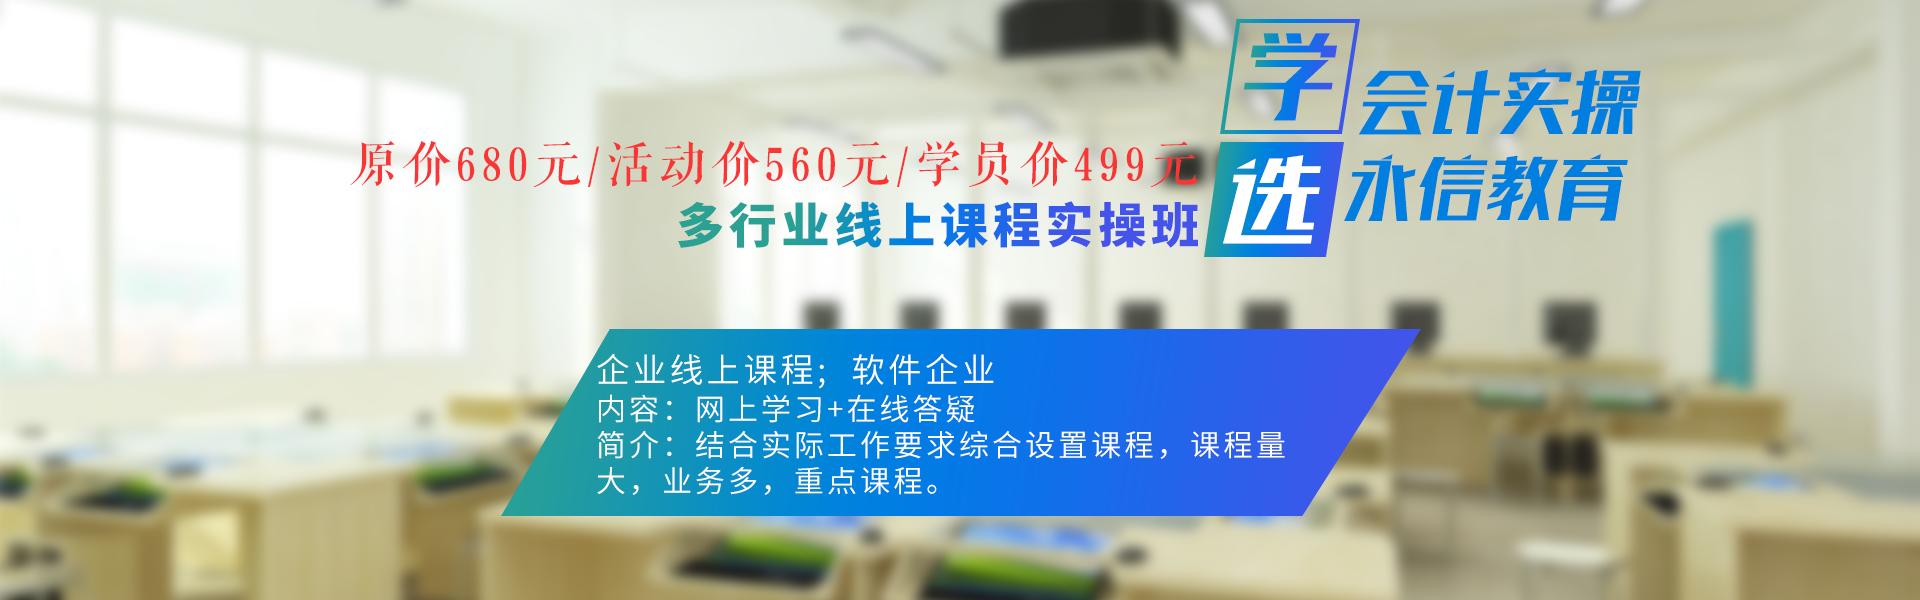 内页banner软件企业.png